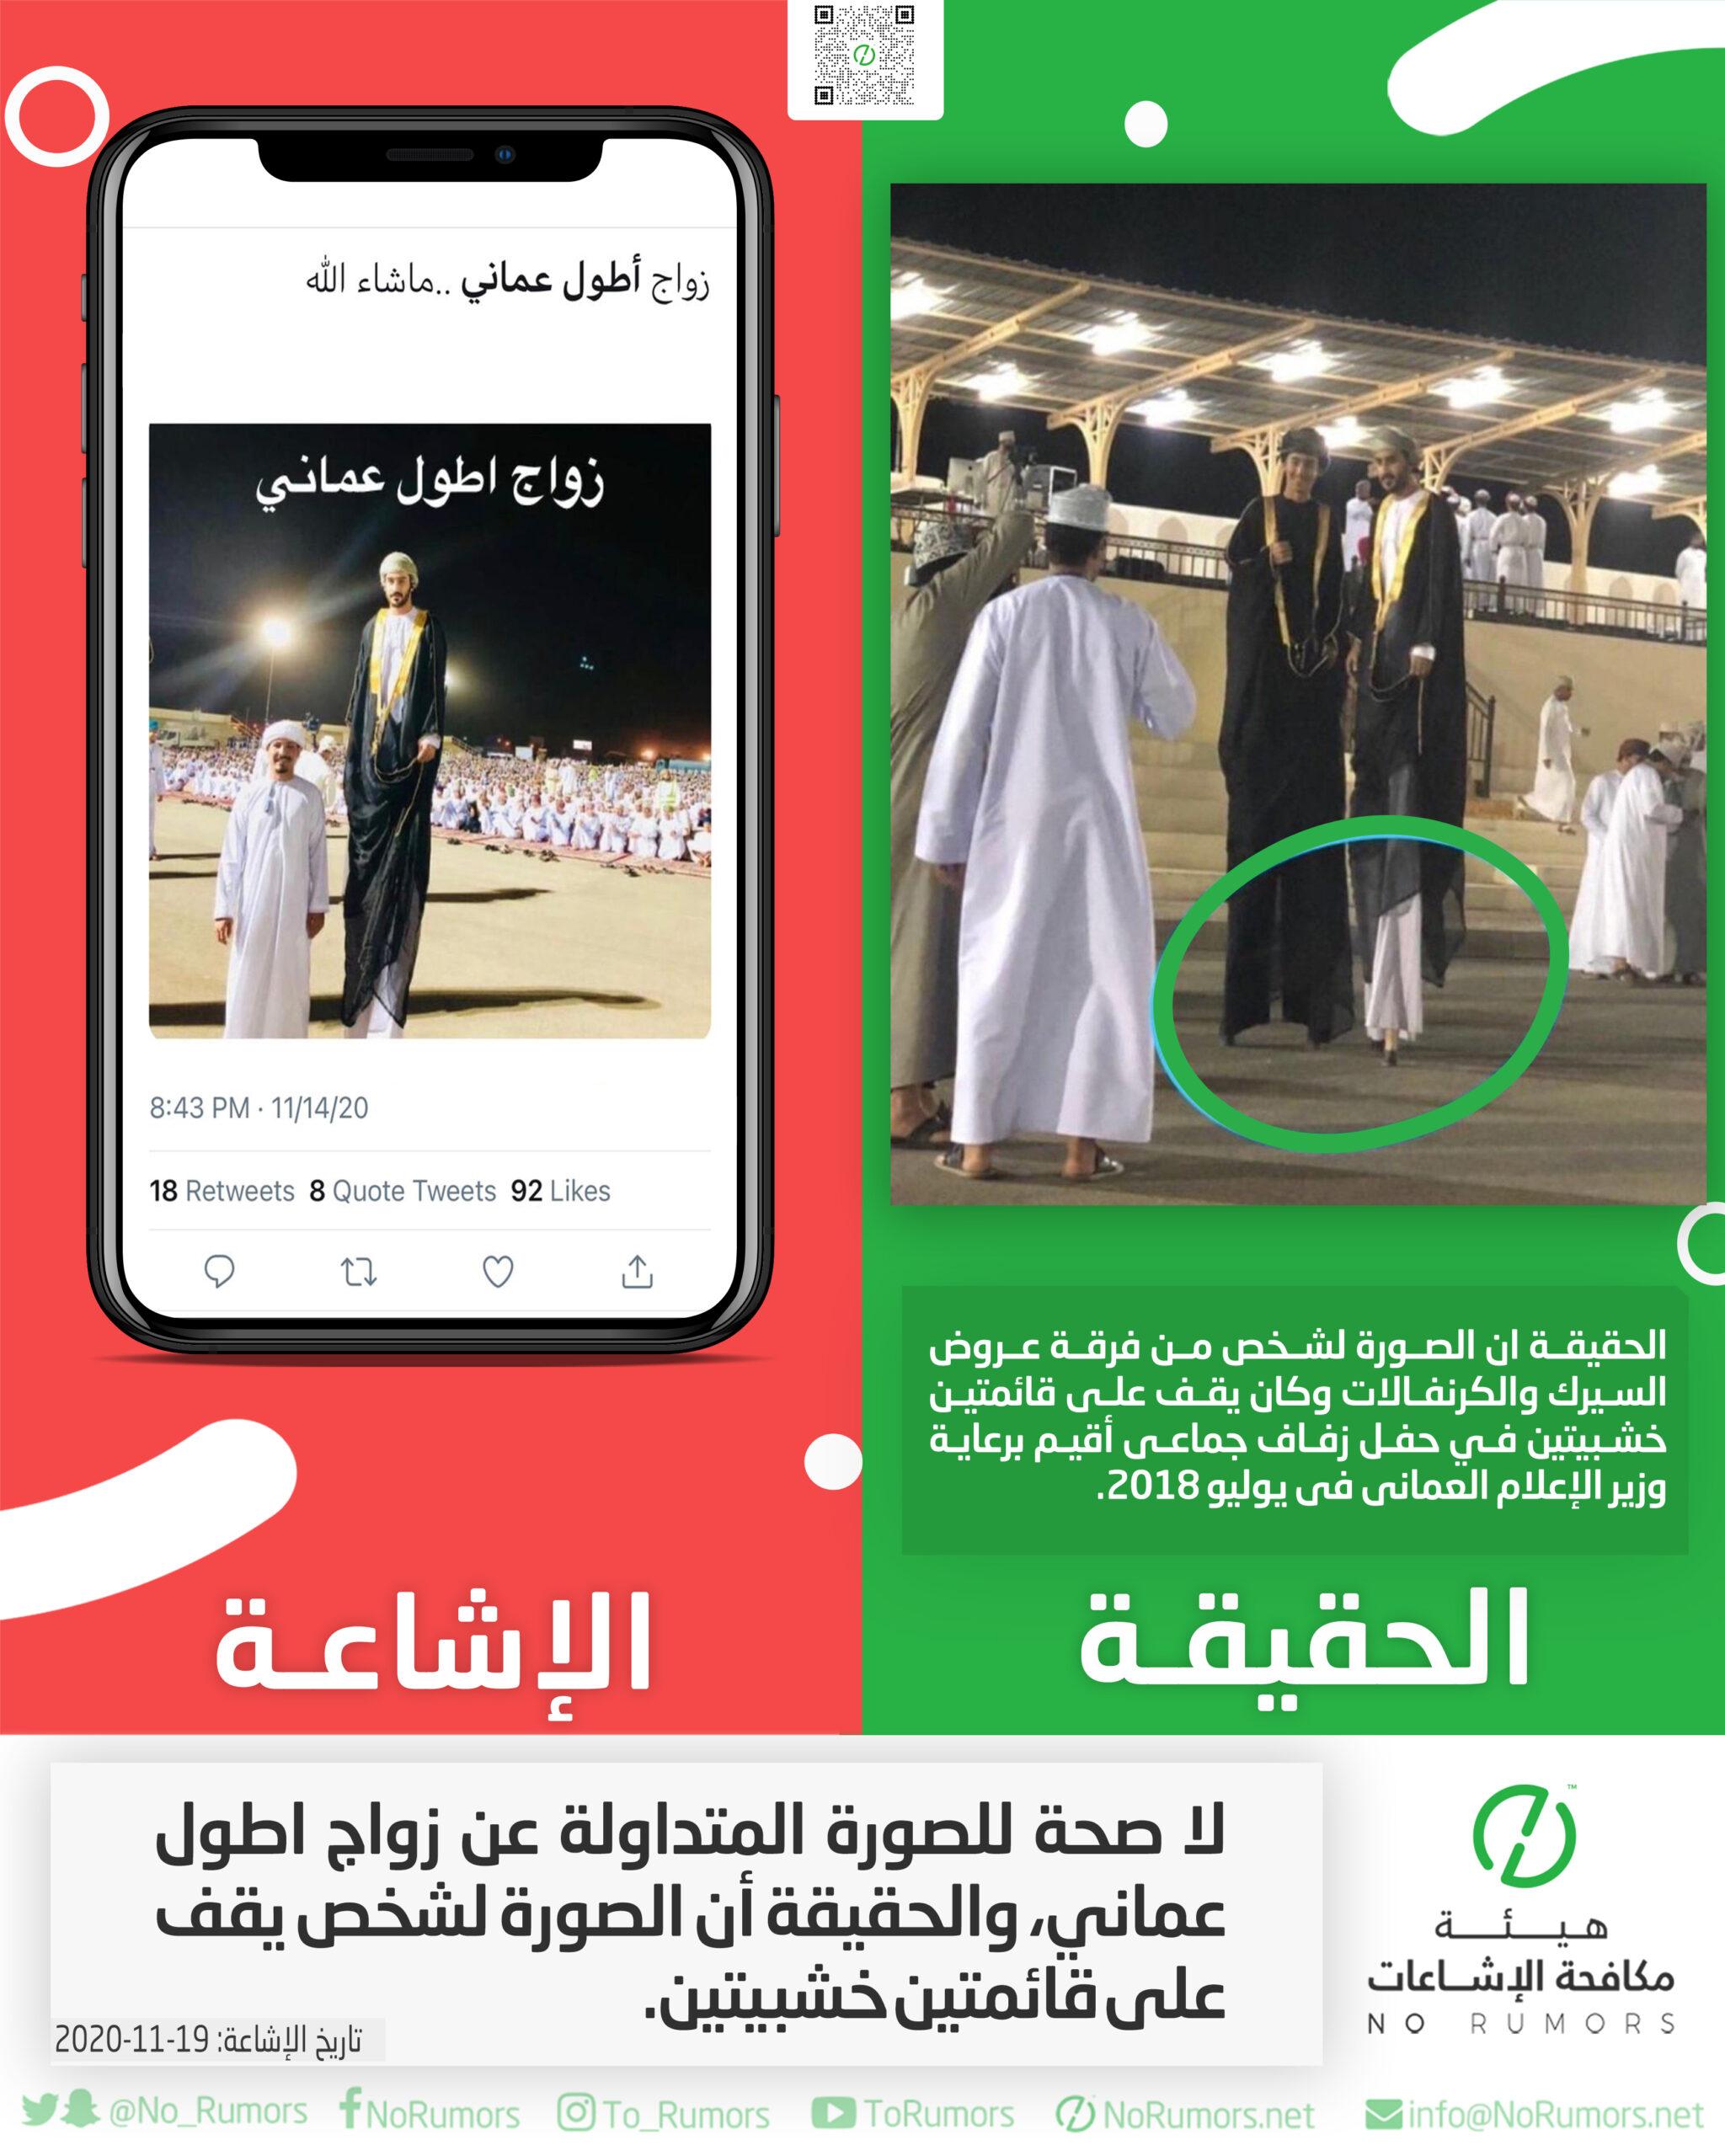 حقيقة الصورة المتداولة عن زواج اطول عماني